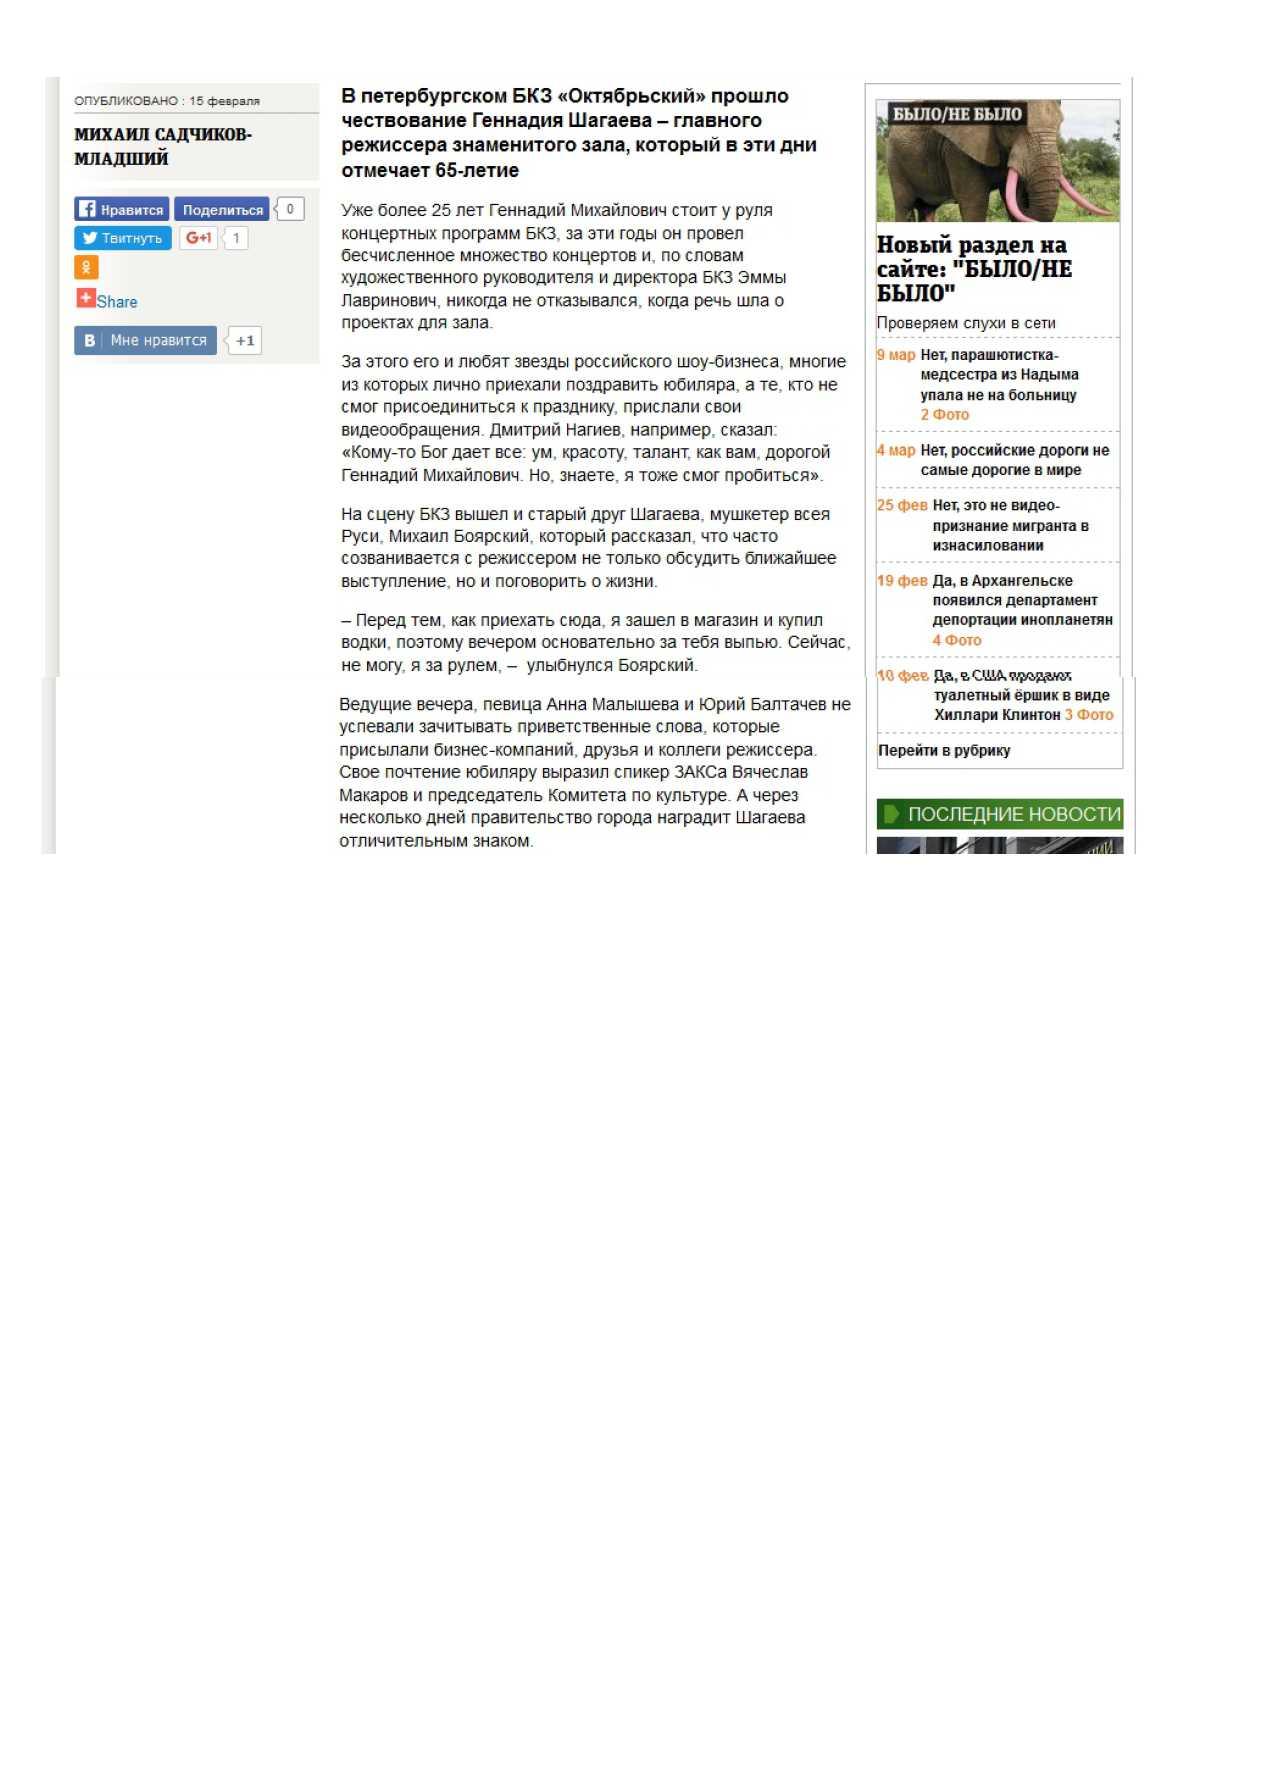 Press_Metro_onlinegazeta_160211_2